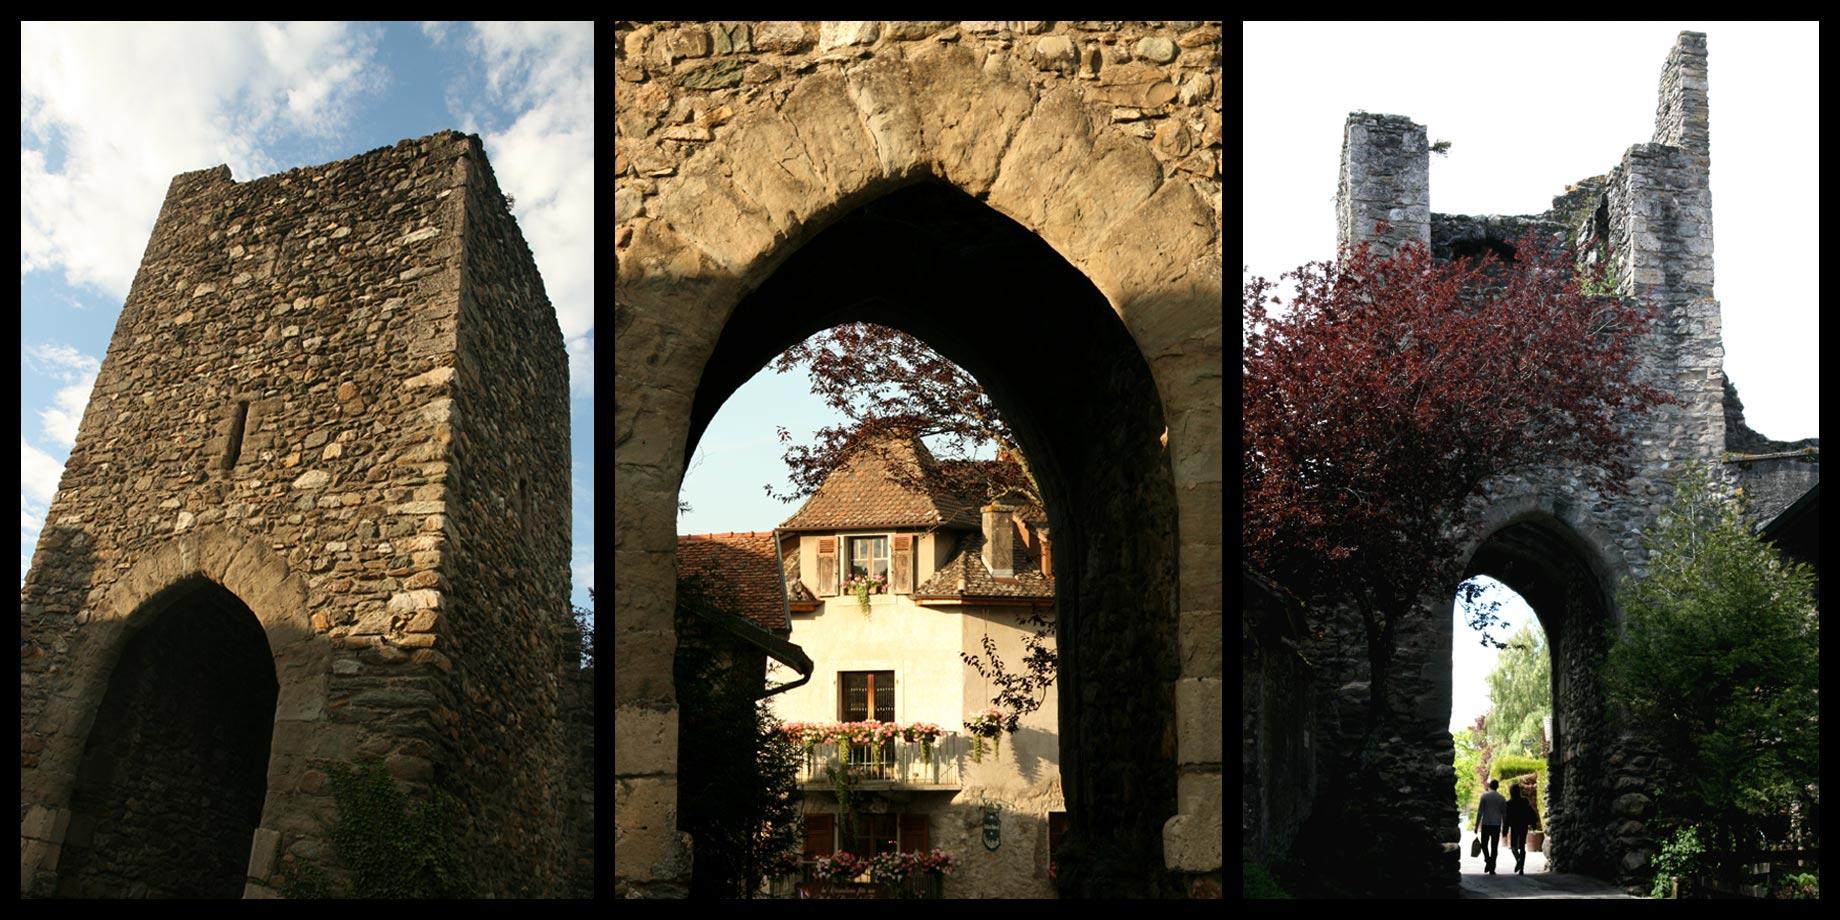 La Porte de Genève des remparts du village médiéval d'Yvoire.